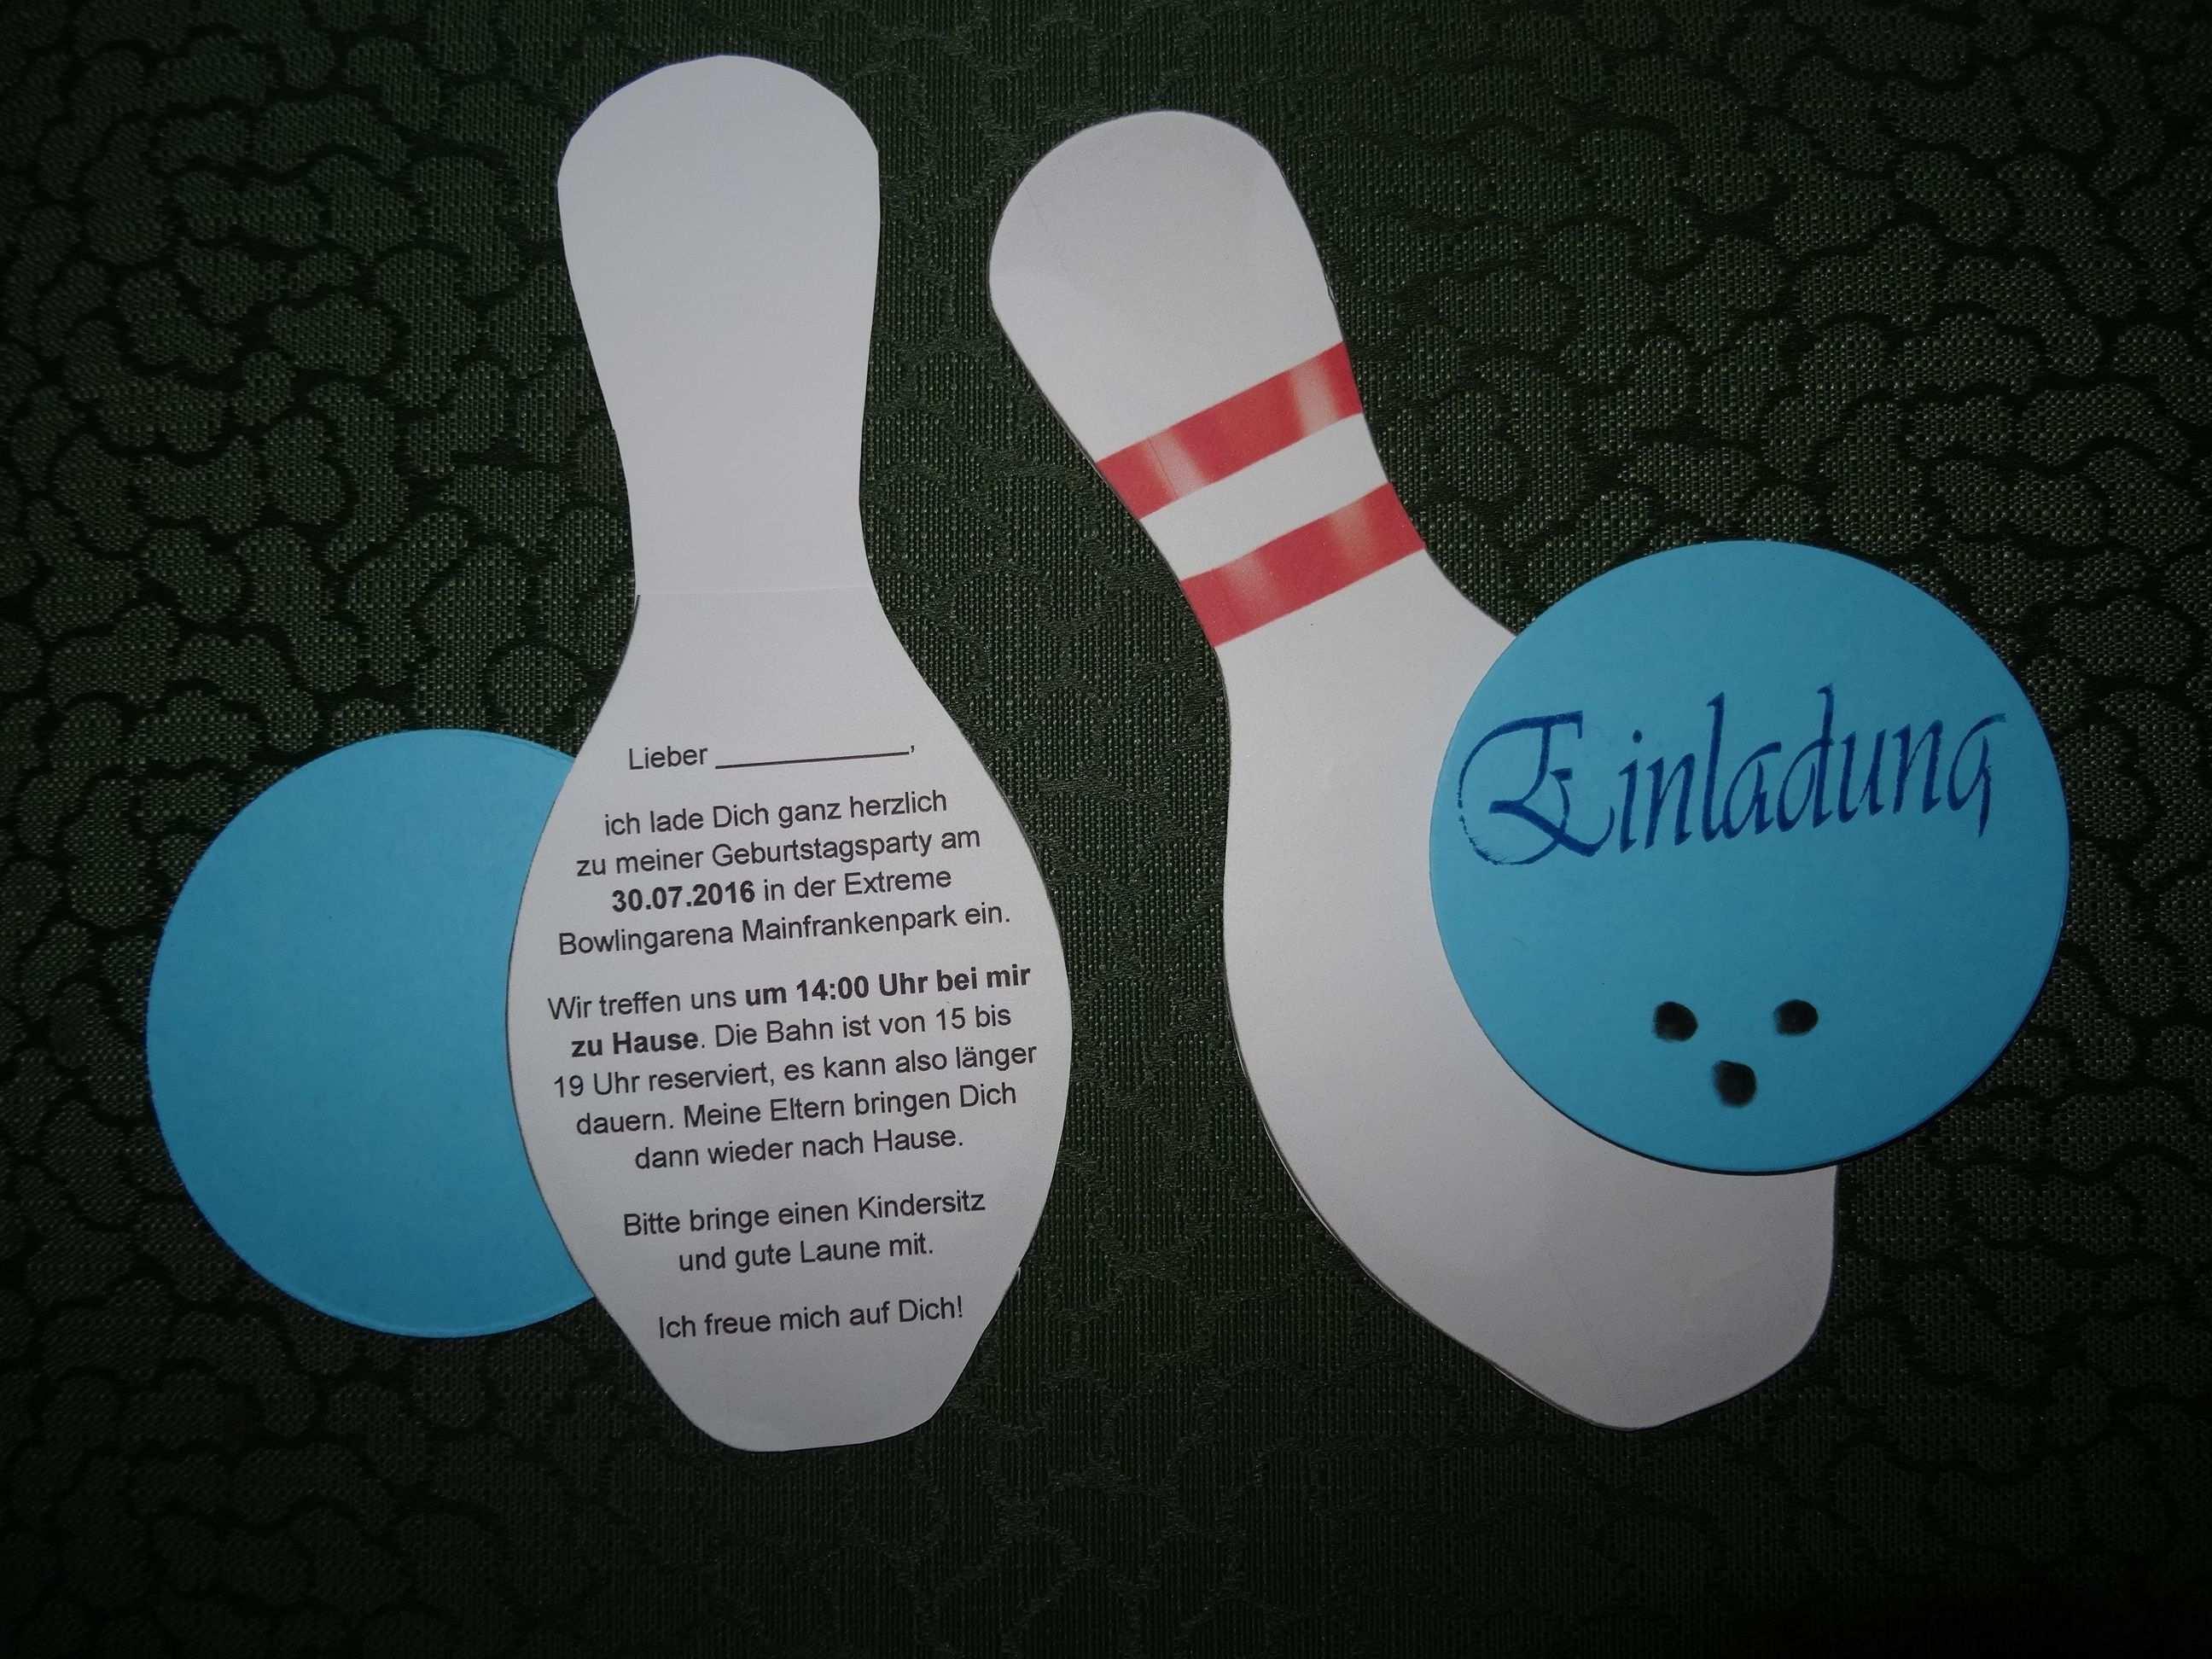 Text Einladung Kindergeburtstag Kegeln Fresh Kegeln Einladung Vorlage Kostenlos Geburtstagsgeschenke Karten